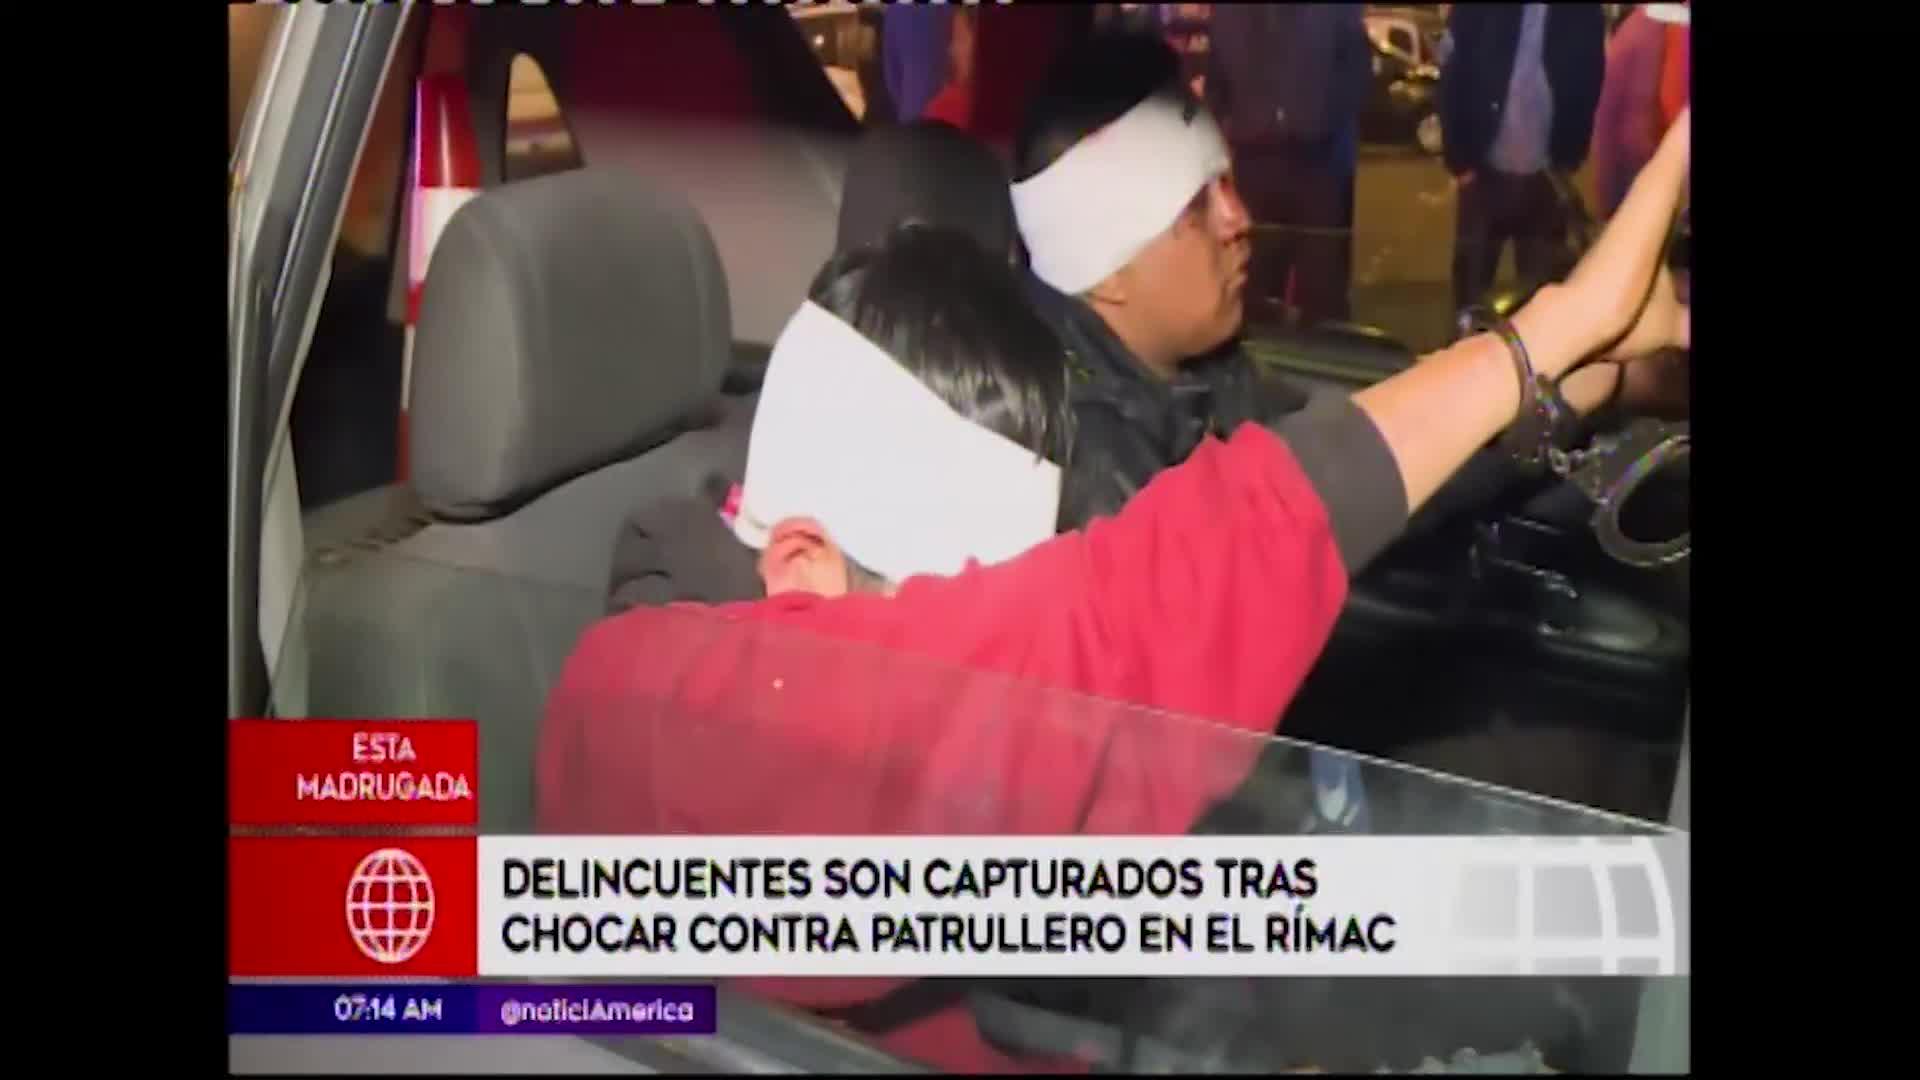 Rímac: delincuentes son capturados tras ardua persecución